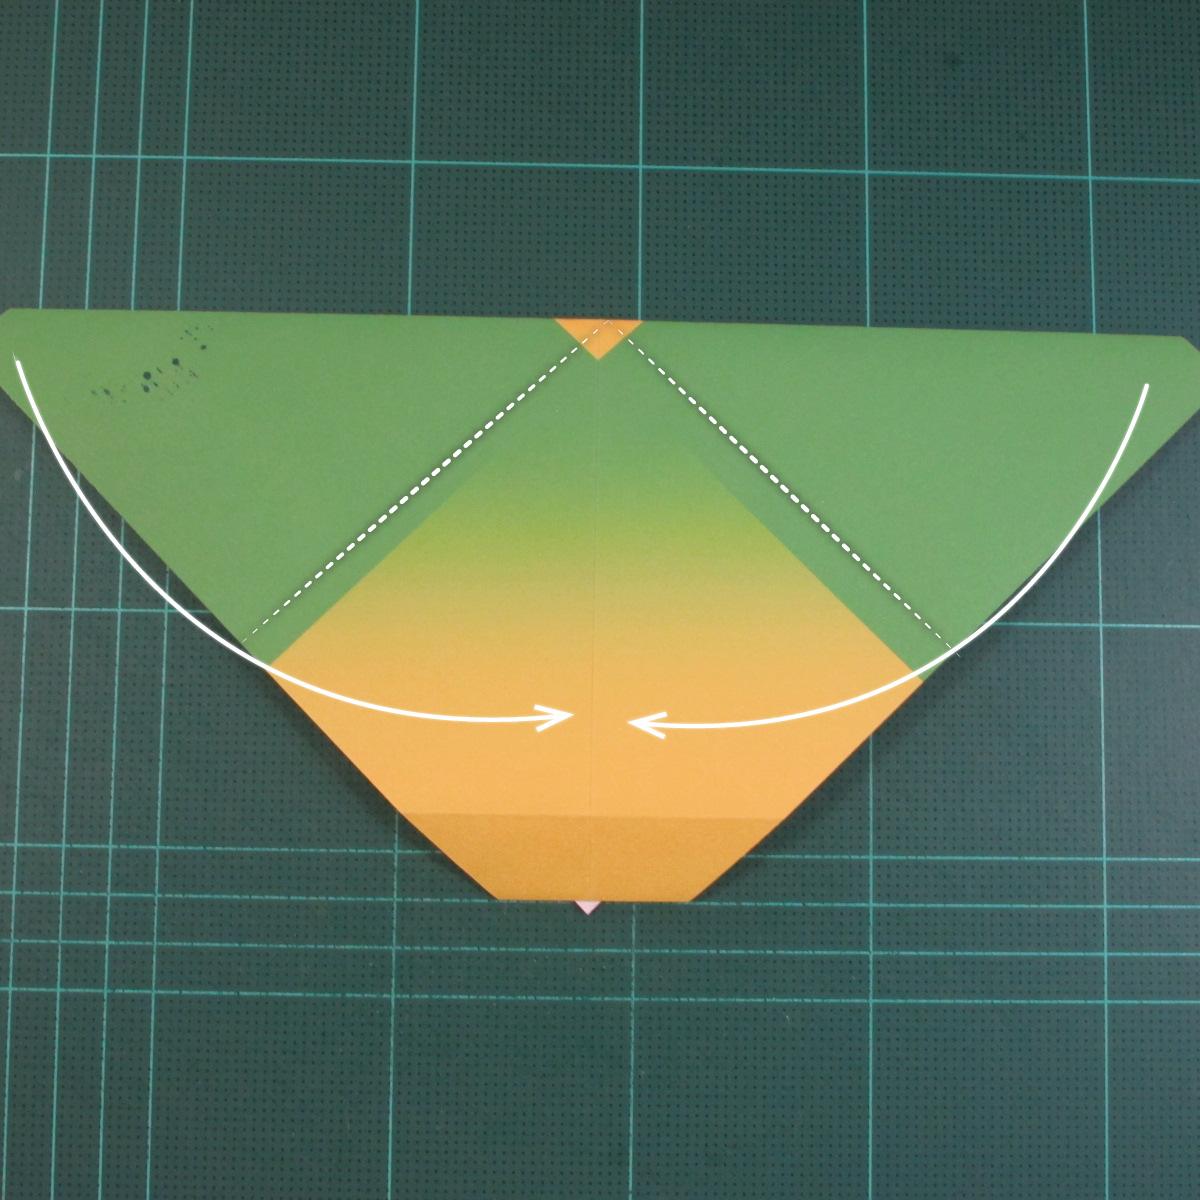 วิธีพับกระดาษเป็นรูปนกแก้ว (Origami Parrot) 007